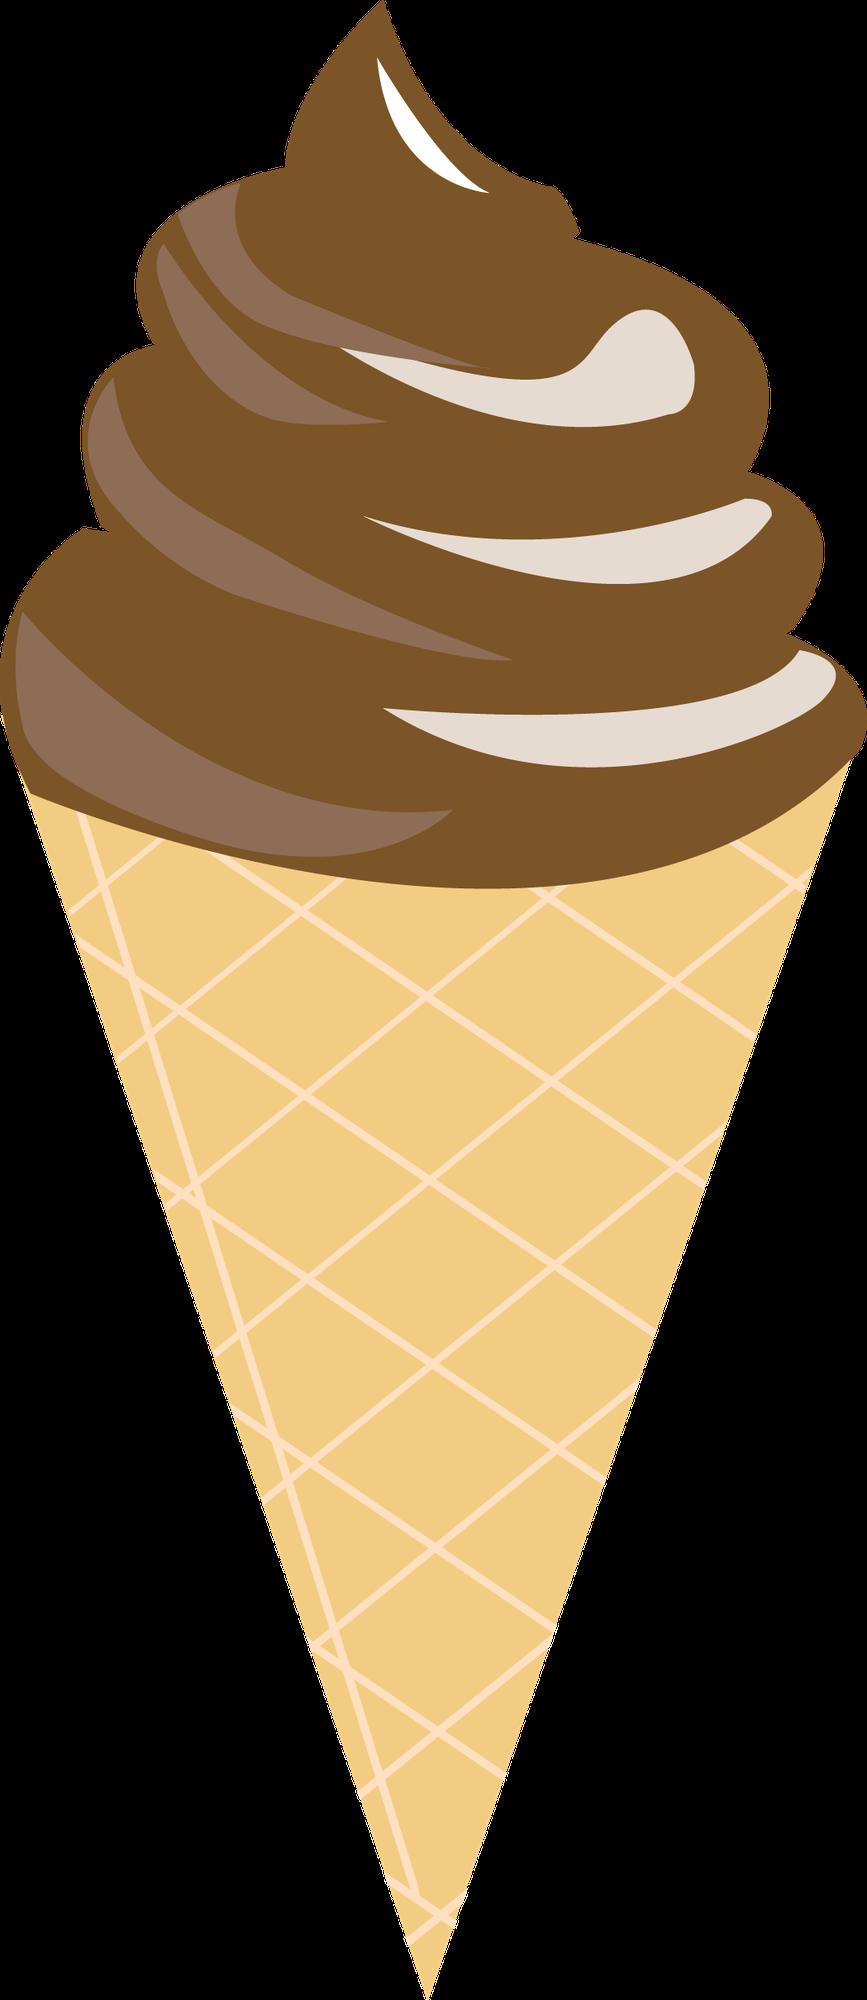 Icecream clipart printable.  ice cream ic